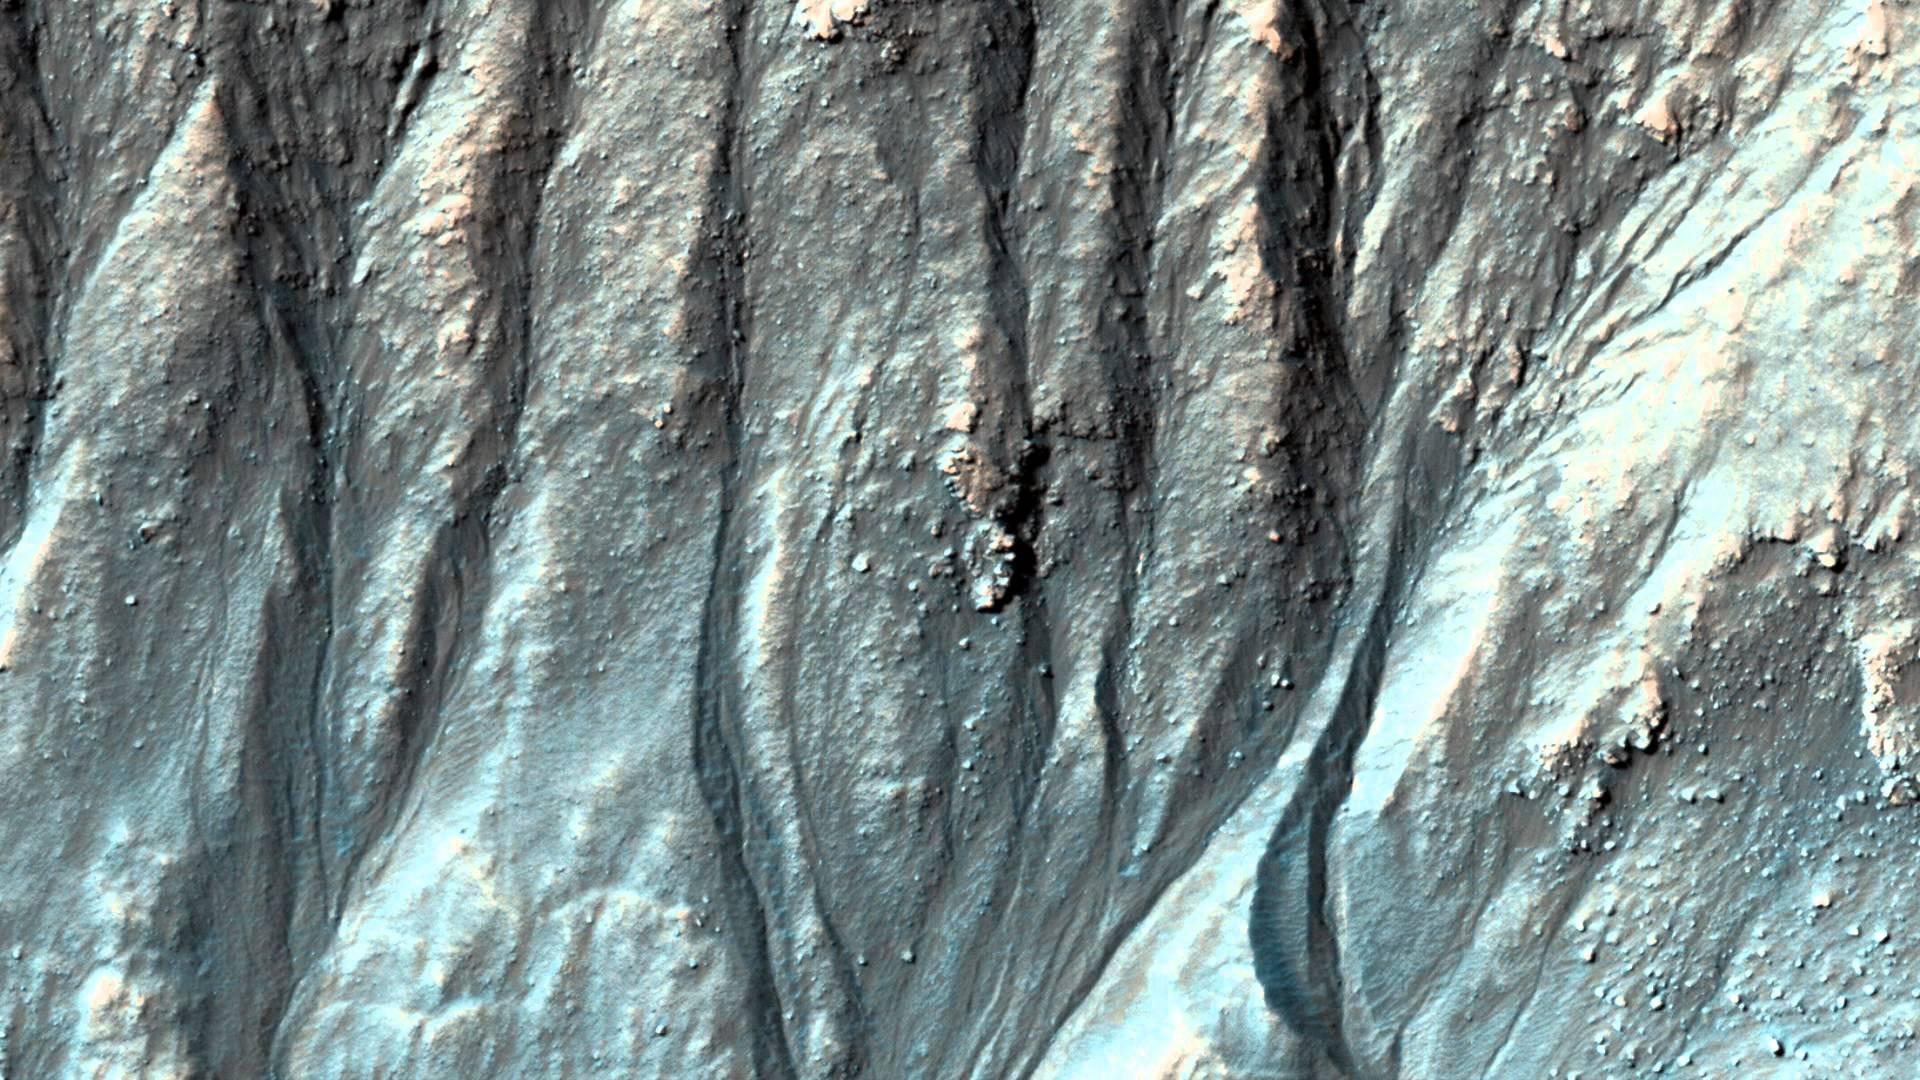 Ученые Овраги на Марсе образовались в результате таяния углекислого газа а не воды